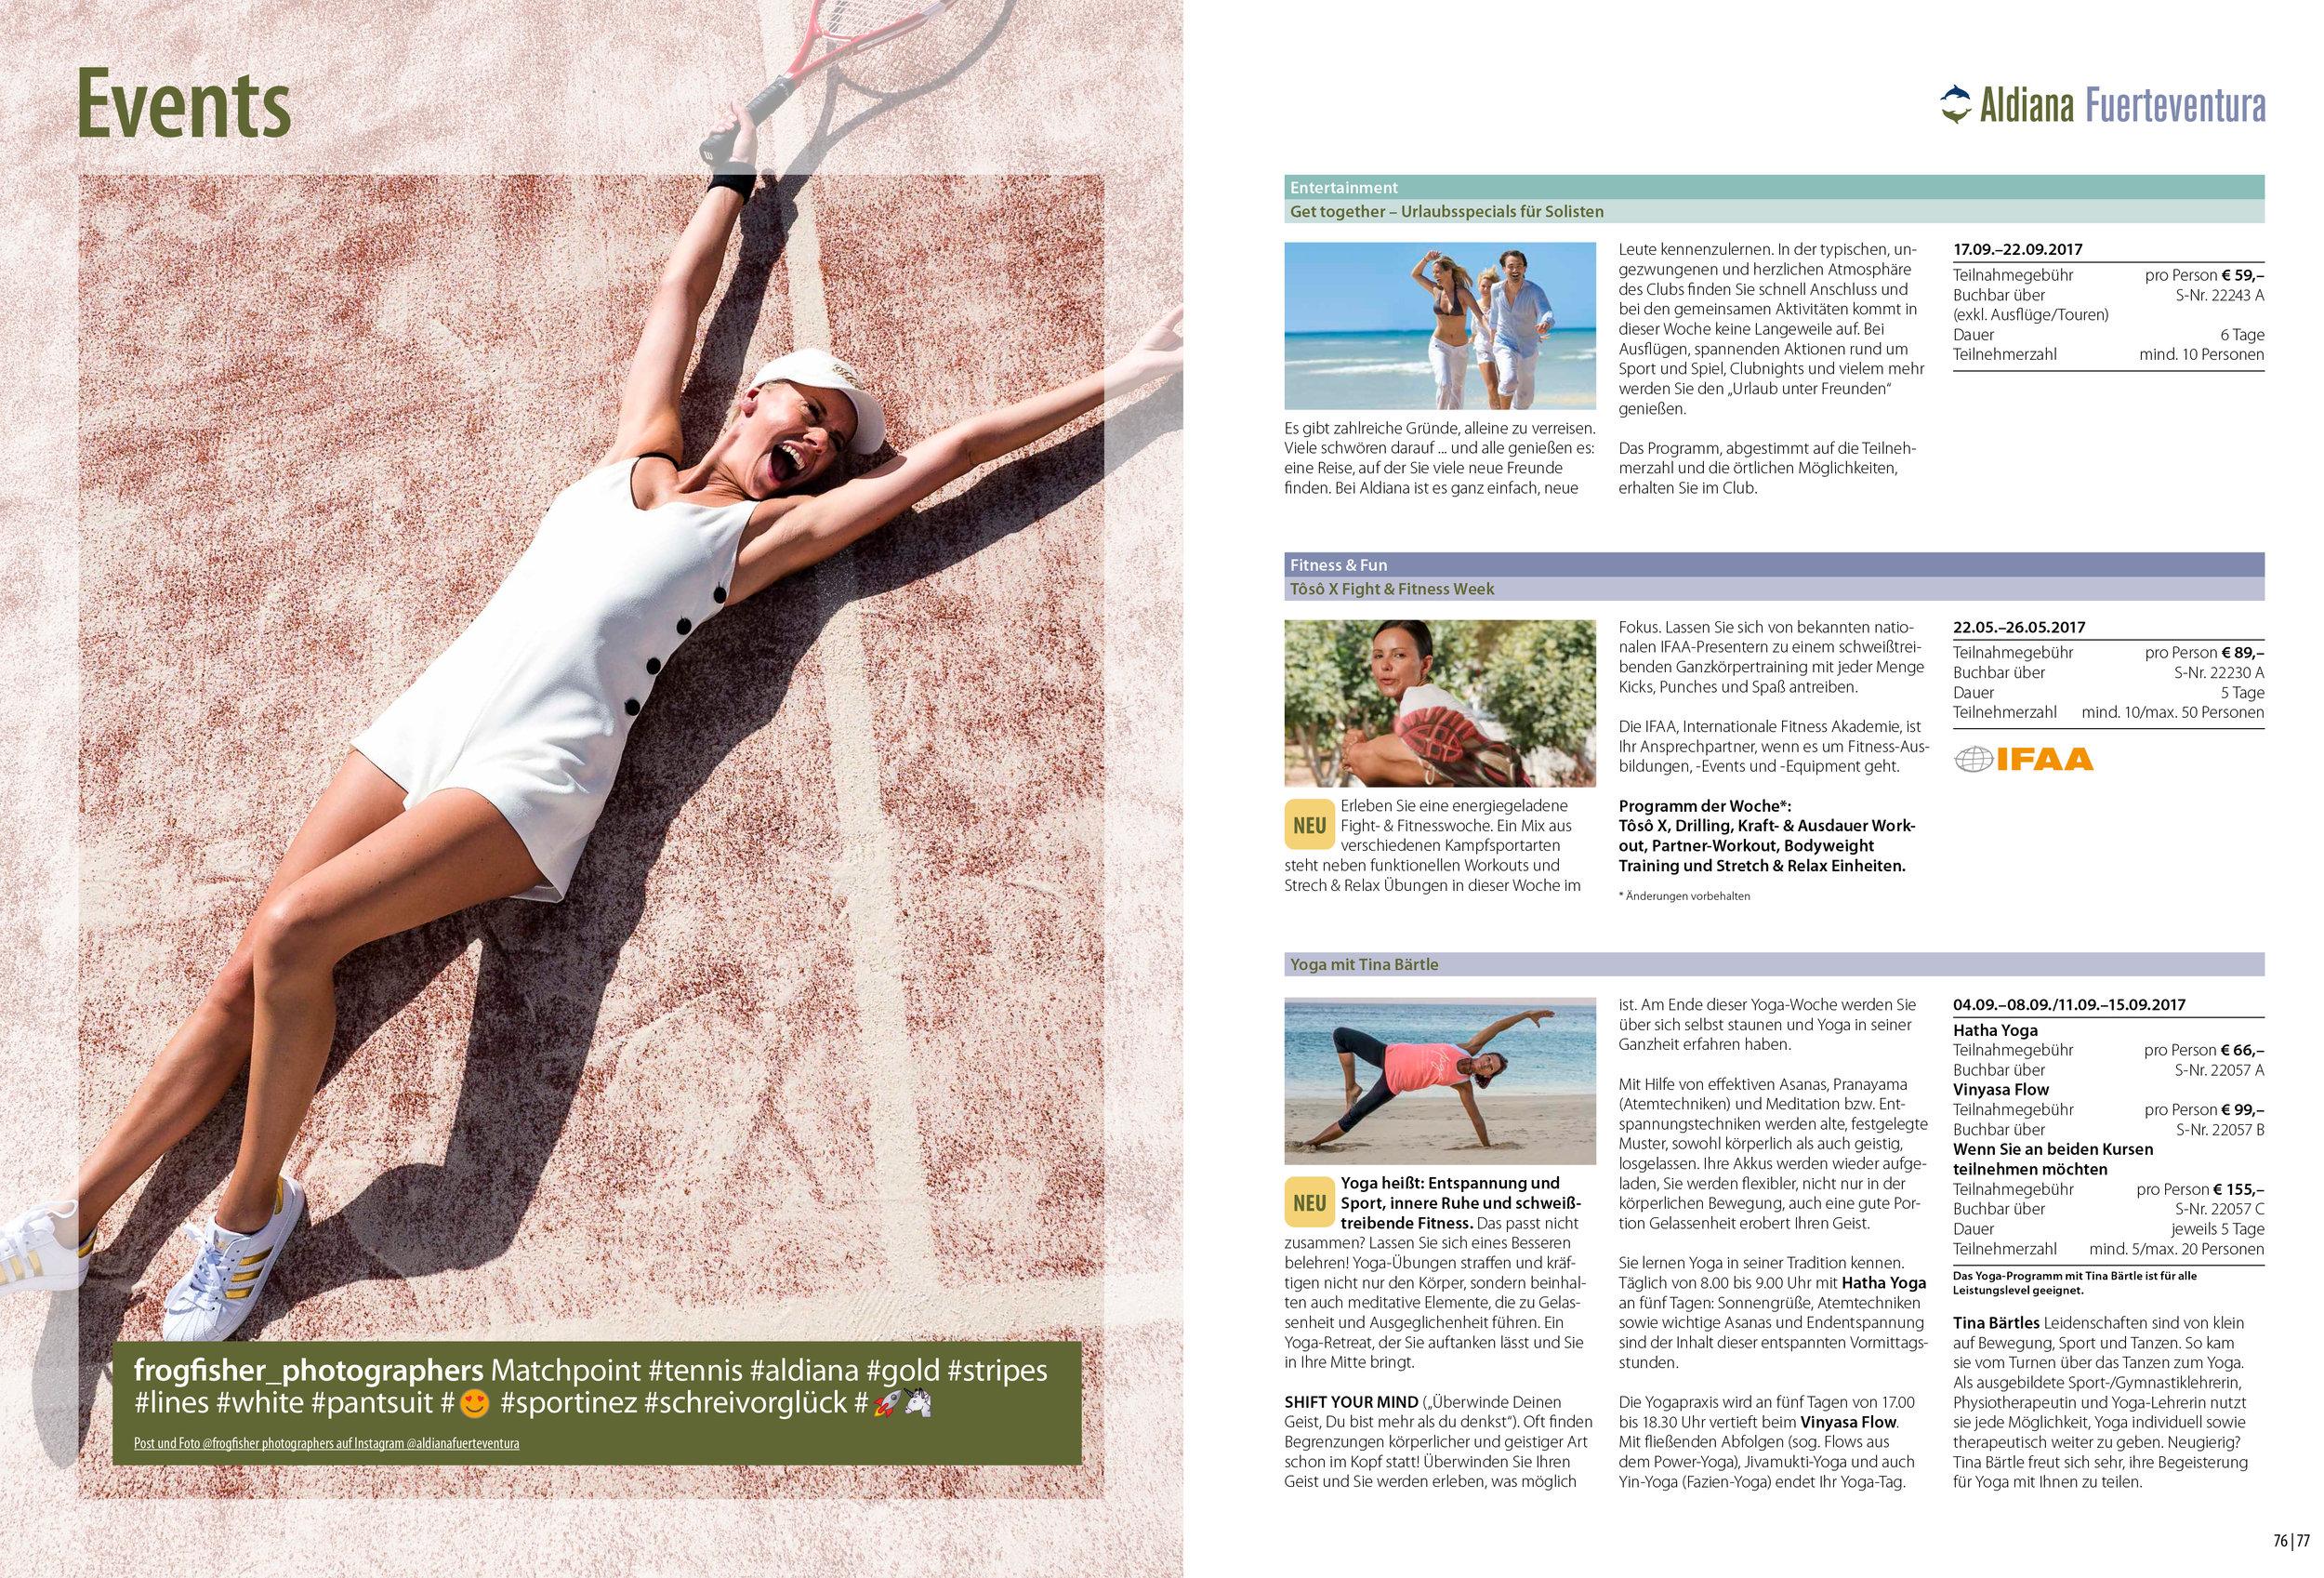 Aldiana Katalog Sommer 2017 Club Fuerteventura Events Tennis